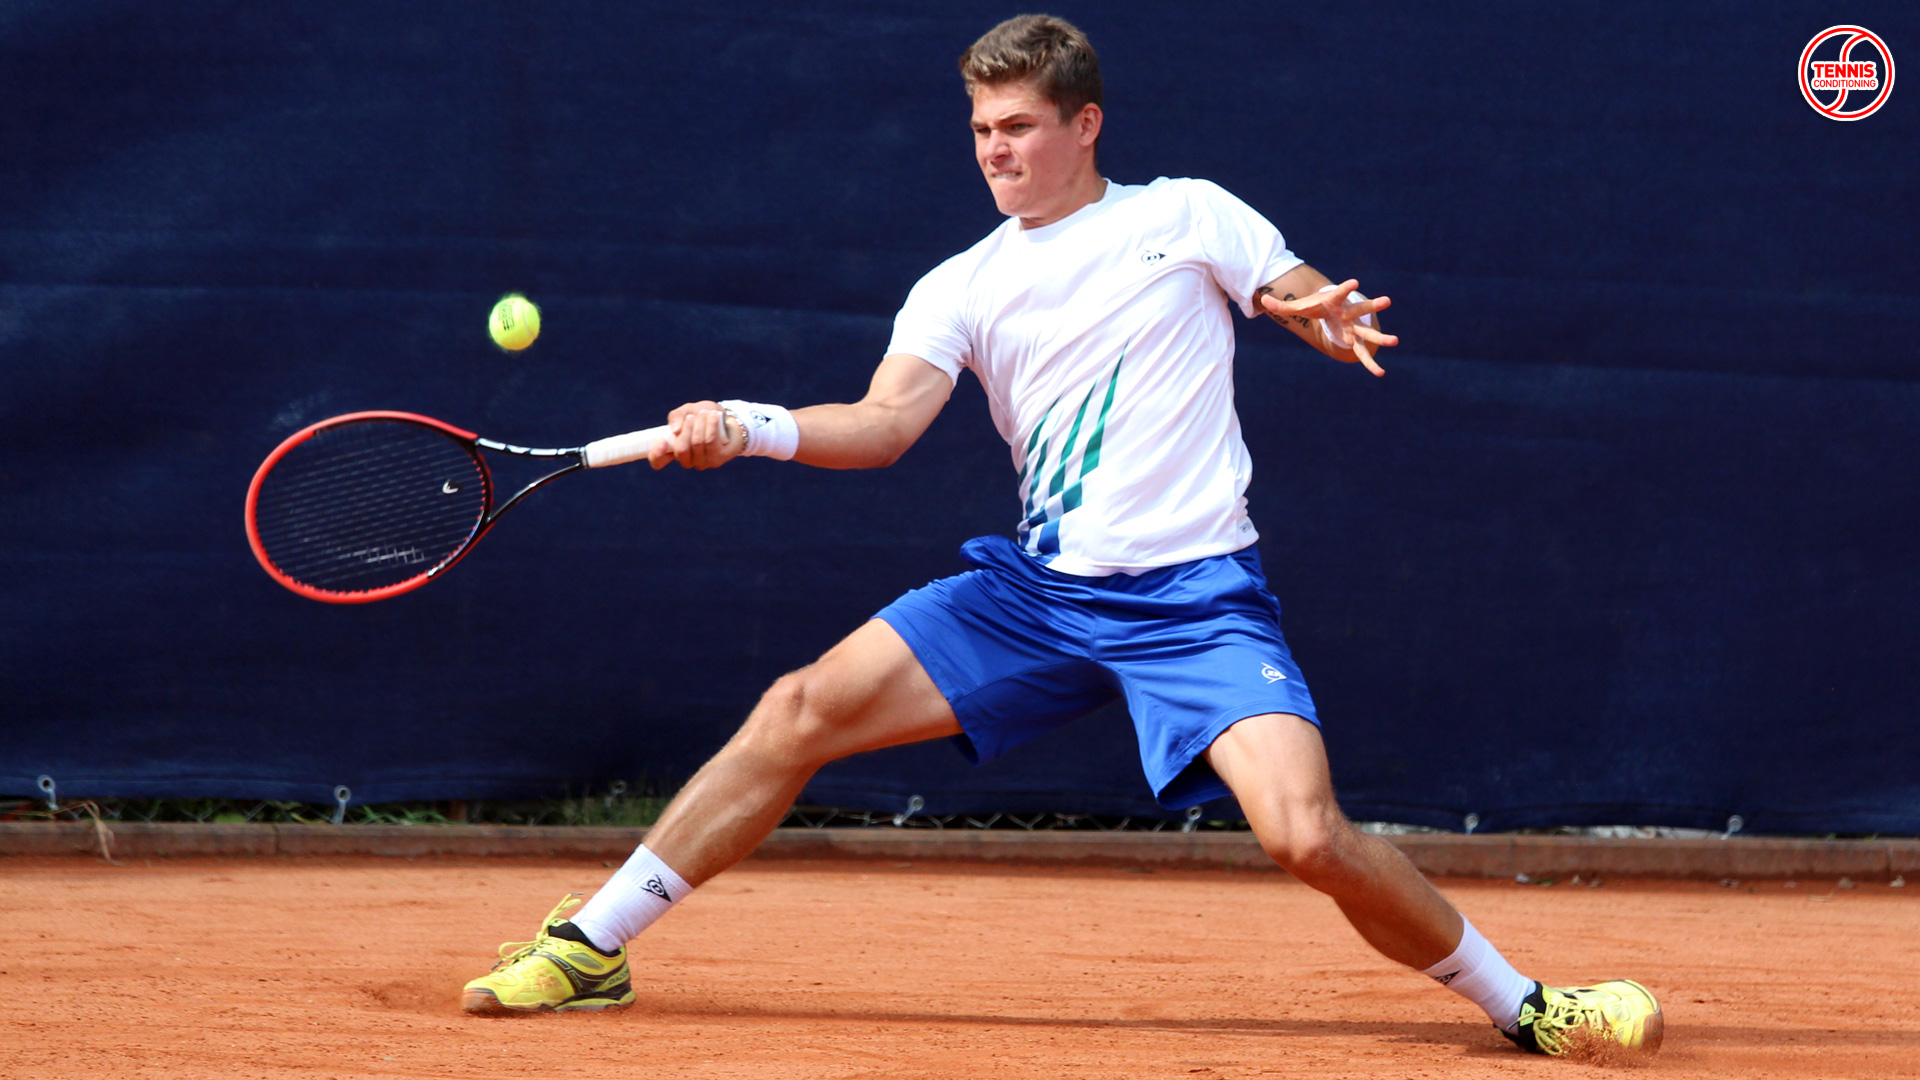 Masur Tennis